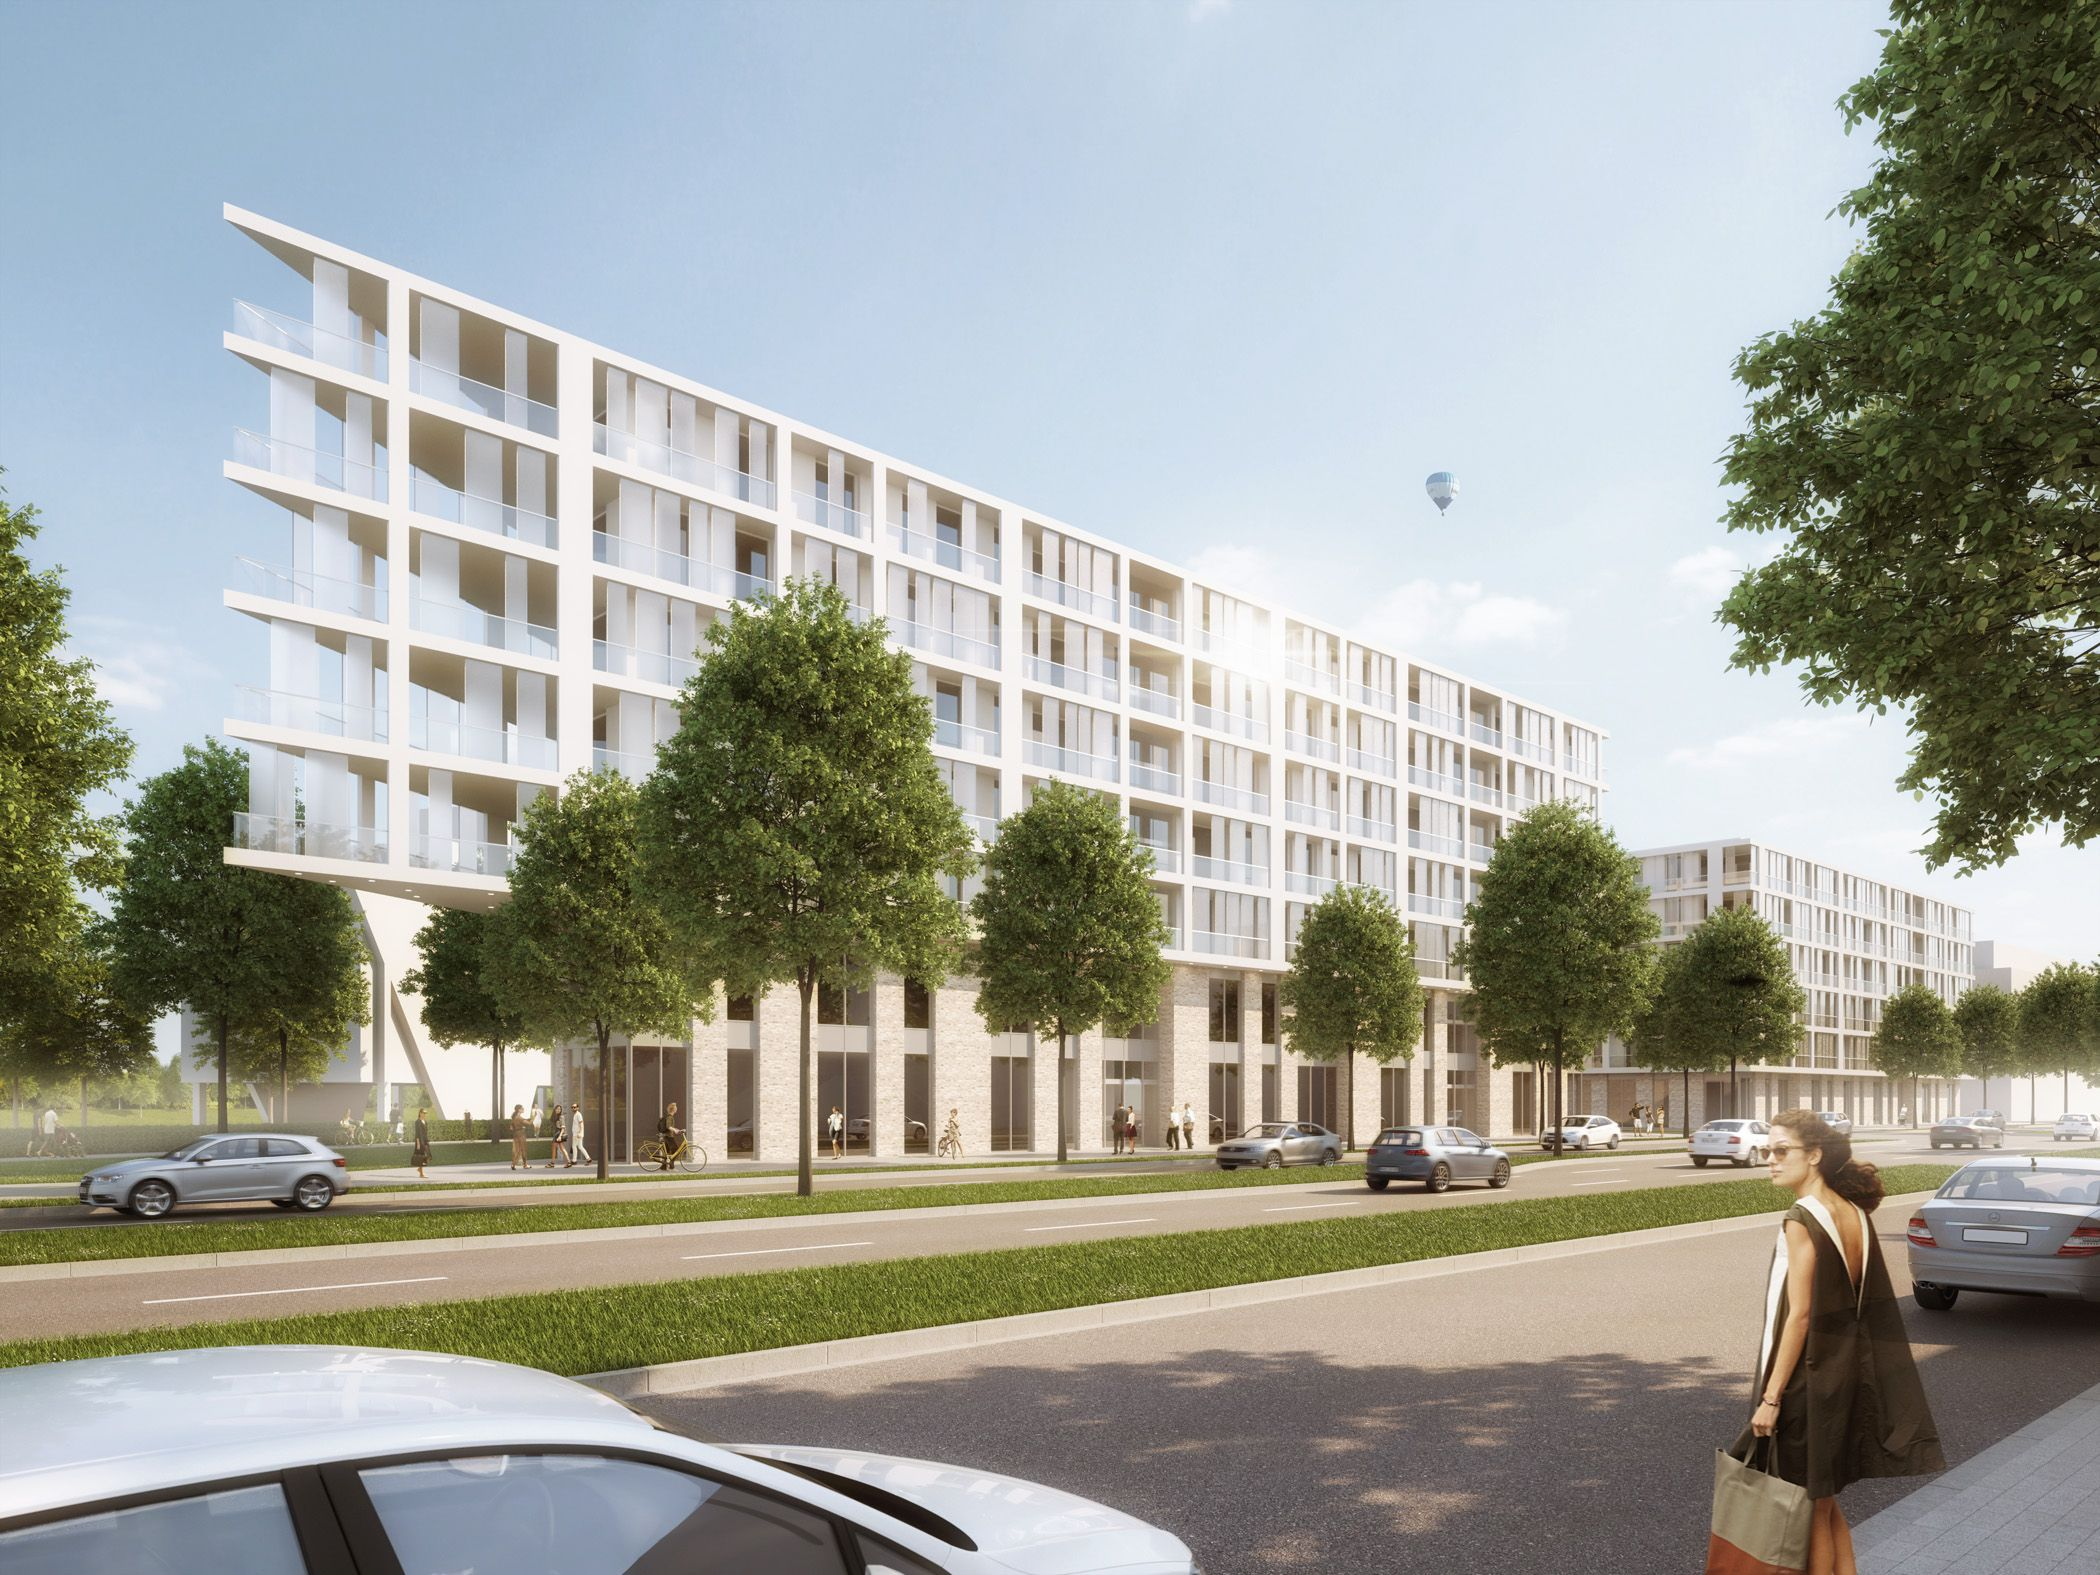 Architekten Ludwigshafen bebauung rheinufer ludwigshafen raumlabor3